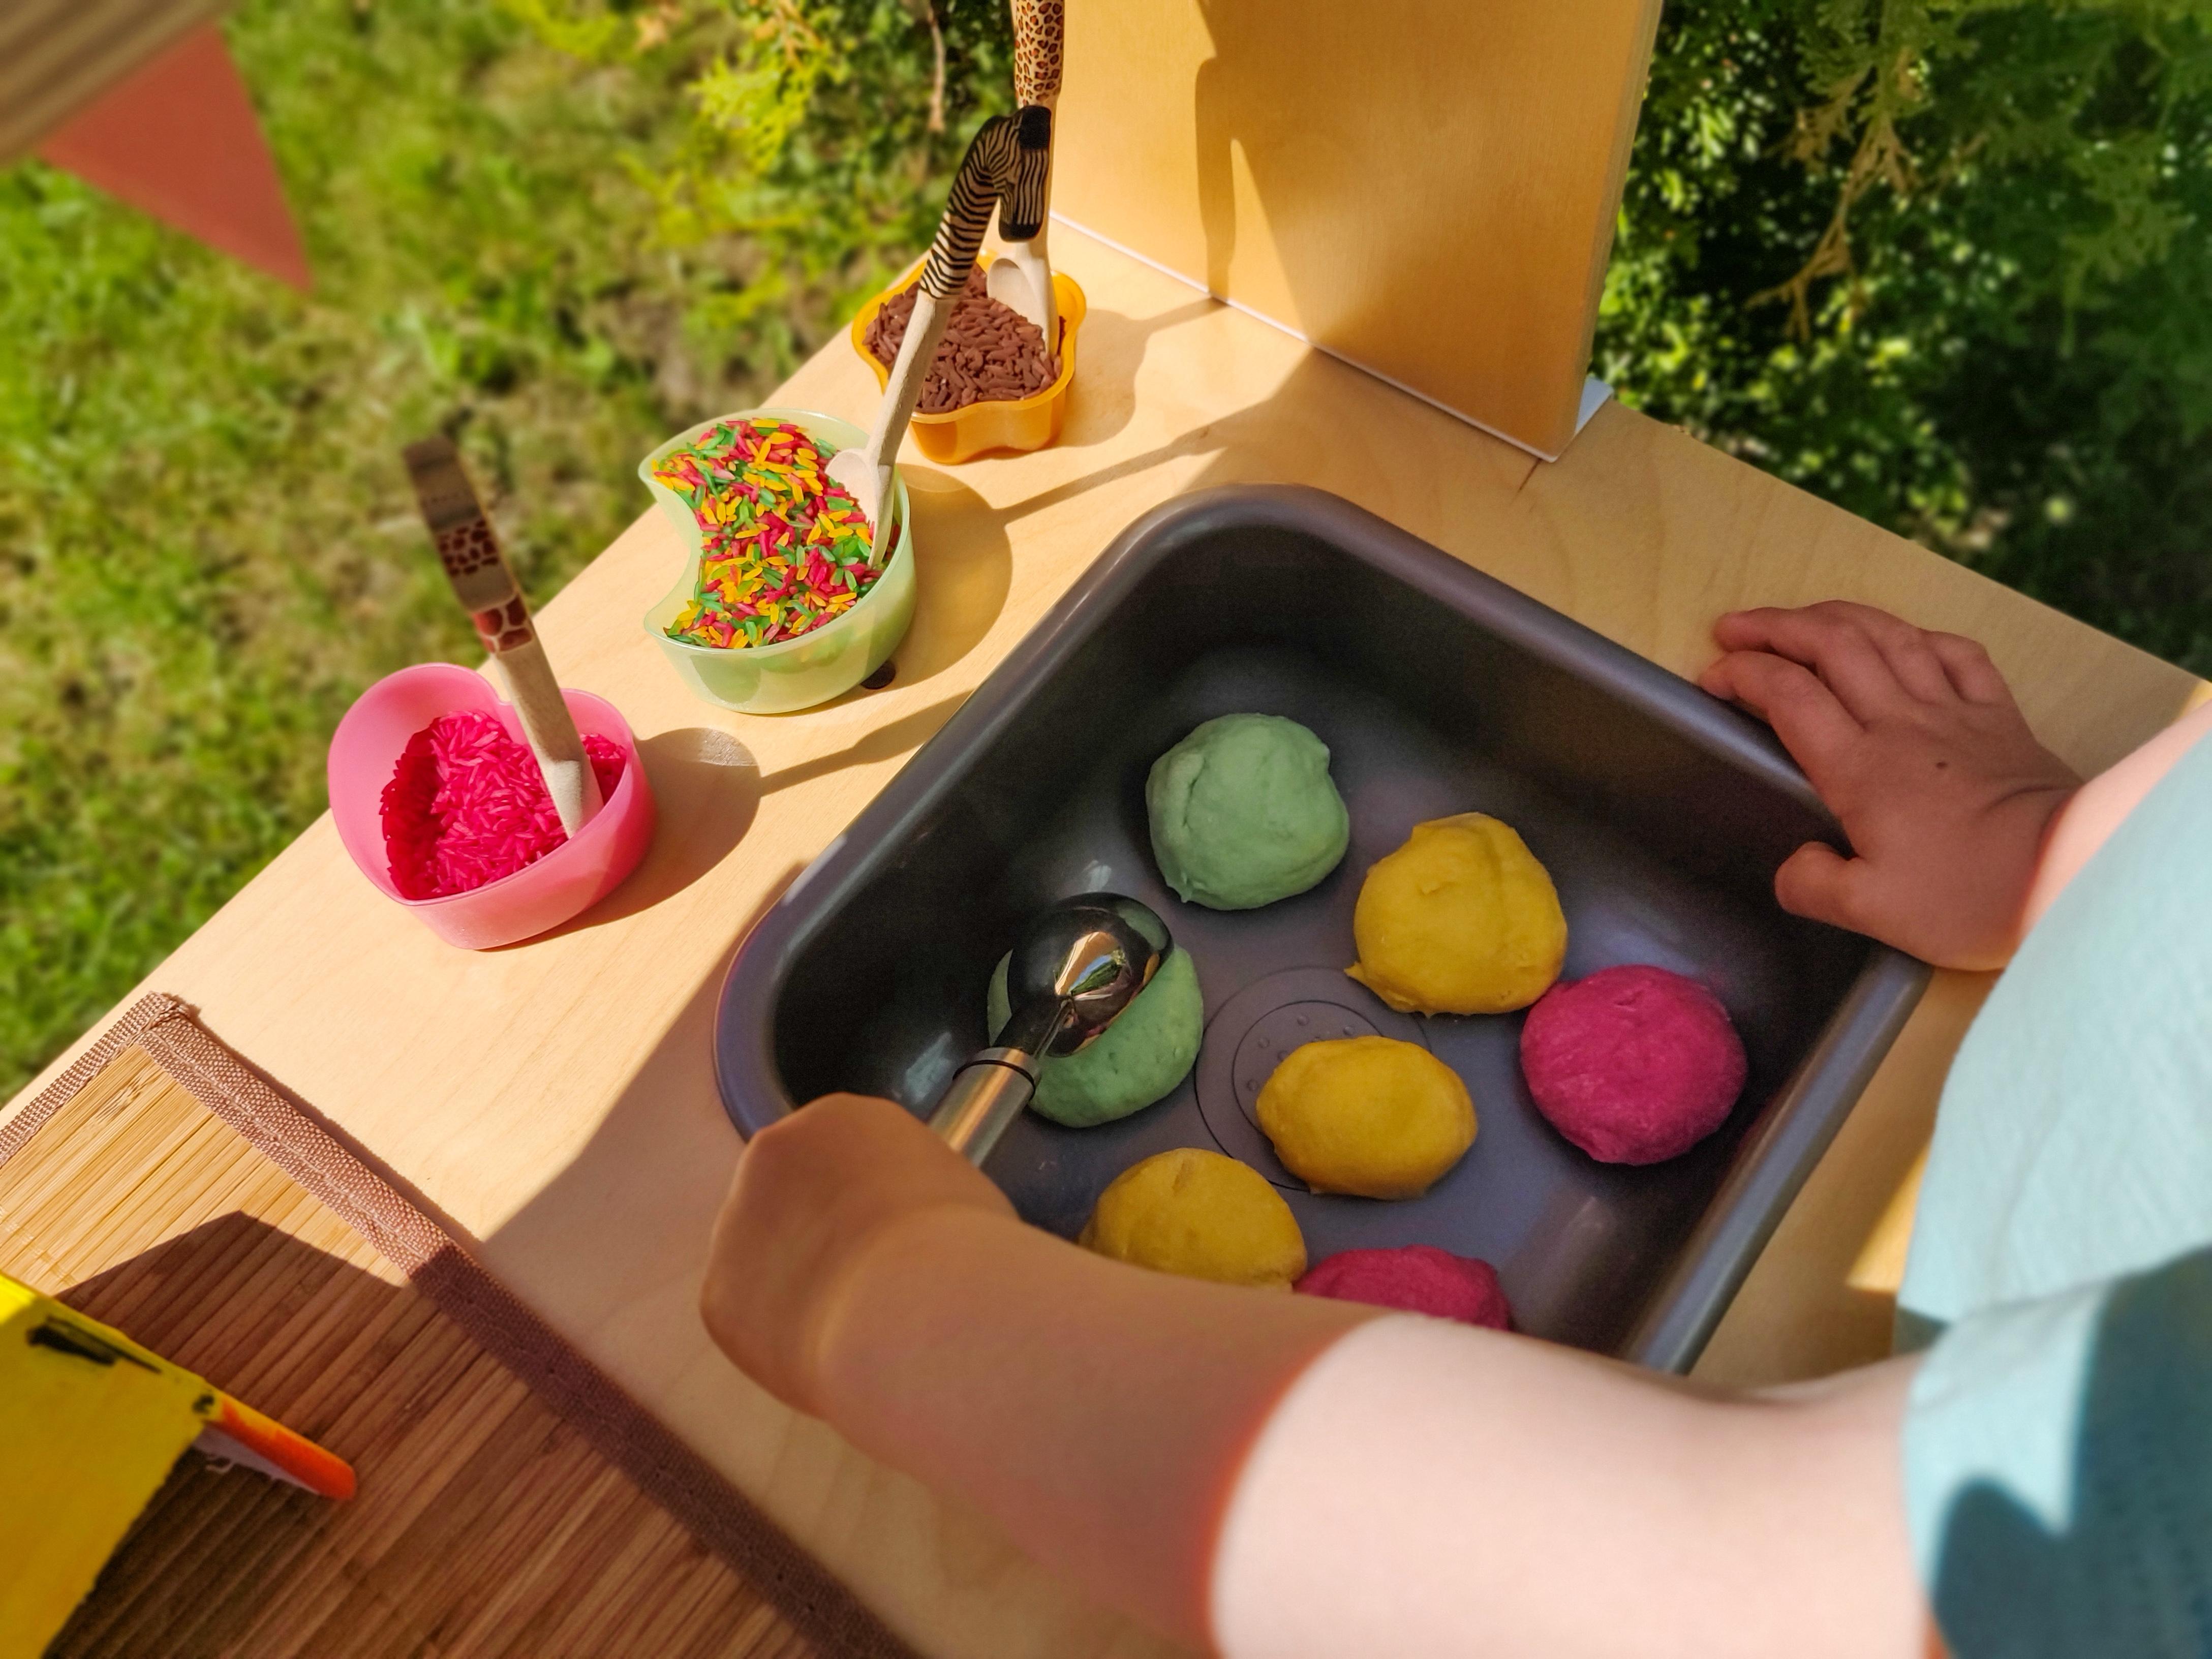 Jäätelöleikki on hauskaa puuhaa lapsille muihinkin hetkiin kuin kesäpäiviin. Kuvassa eri värisiä, muovailtuja jäätelöpalloja.